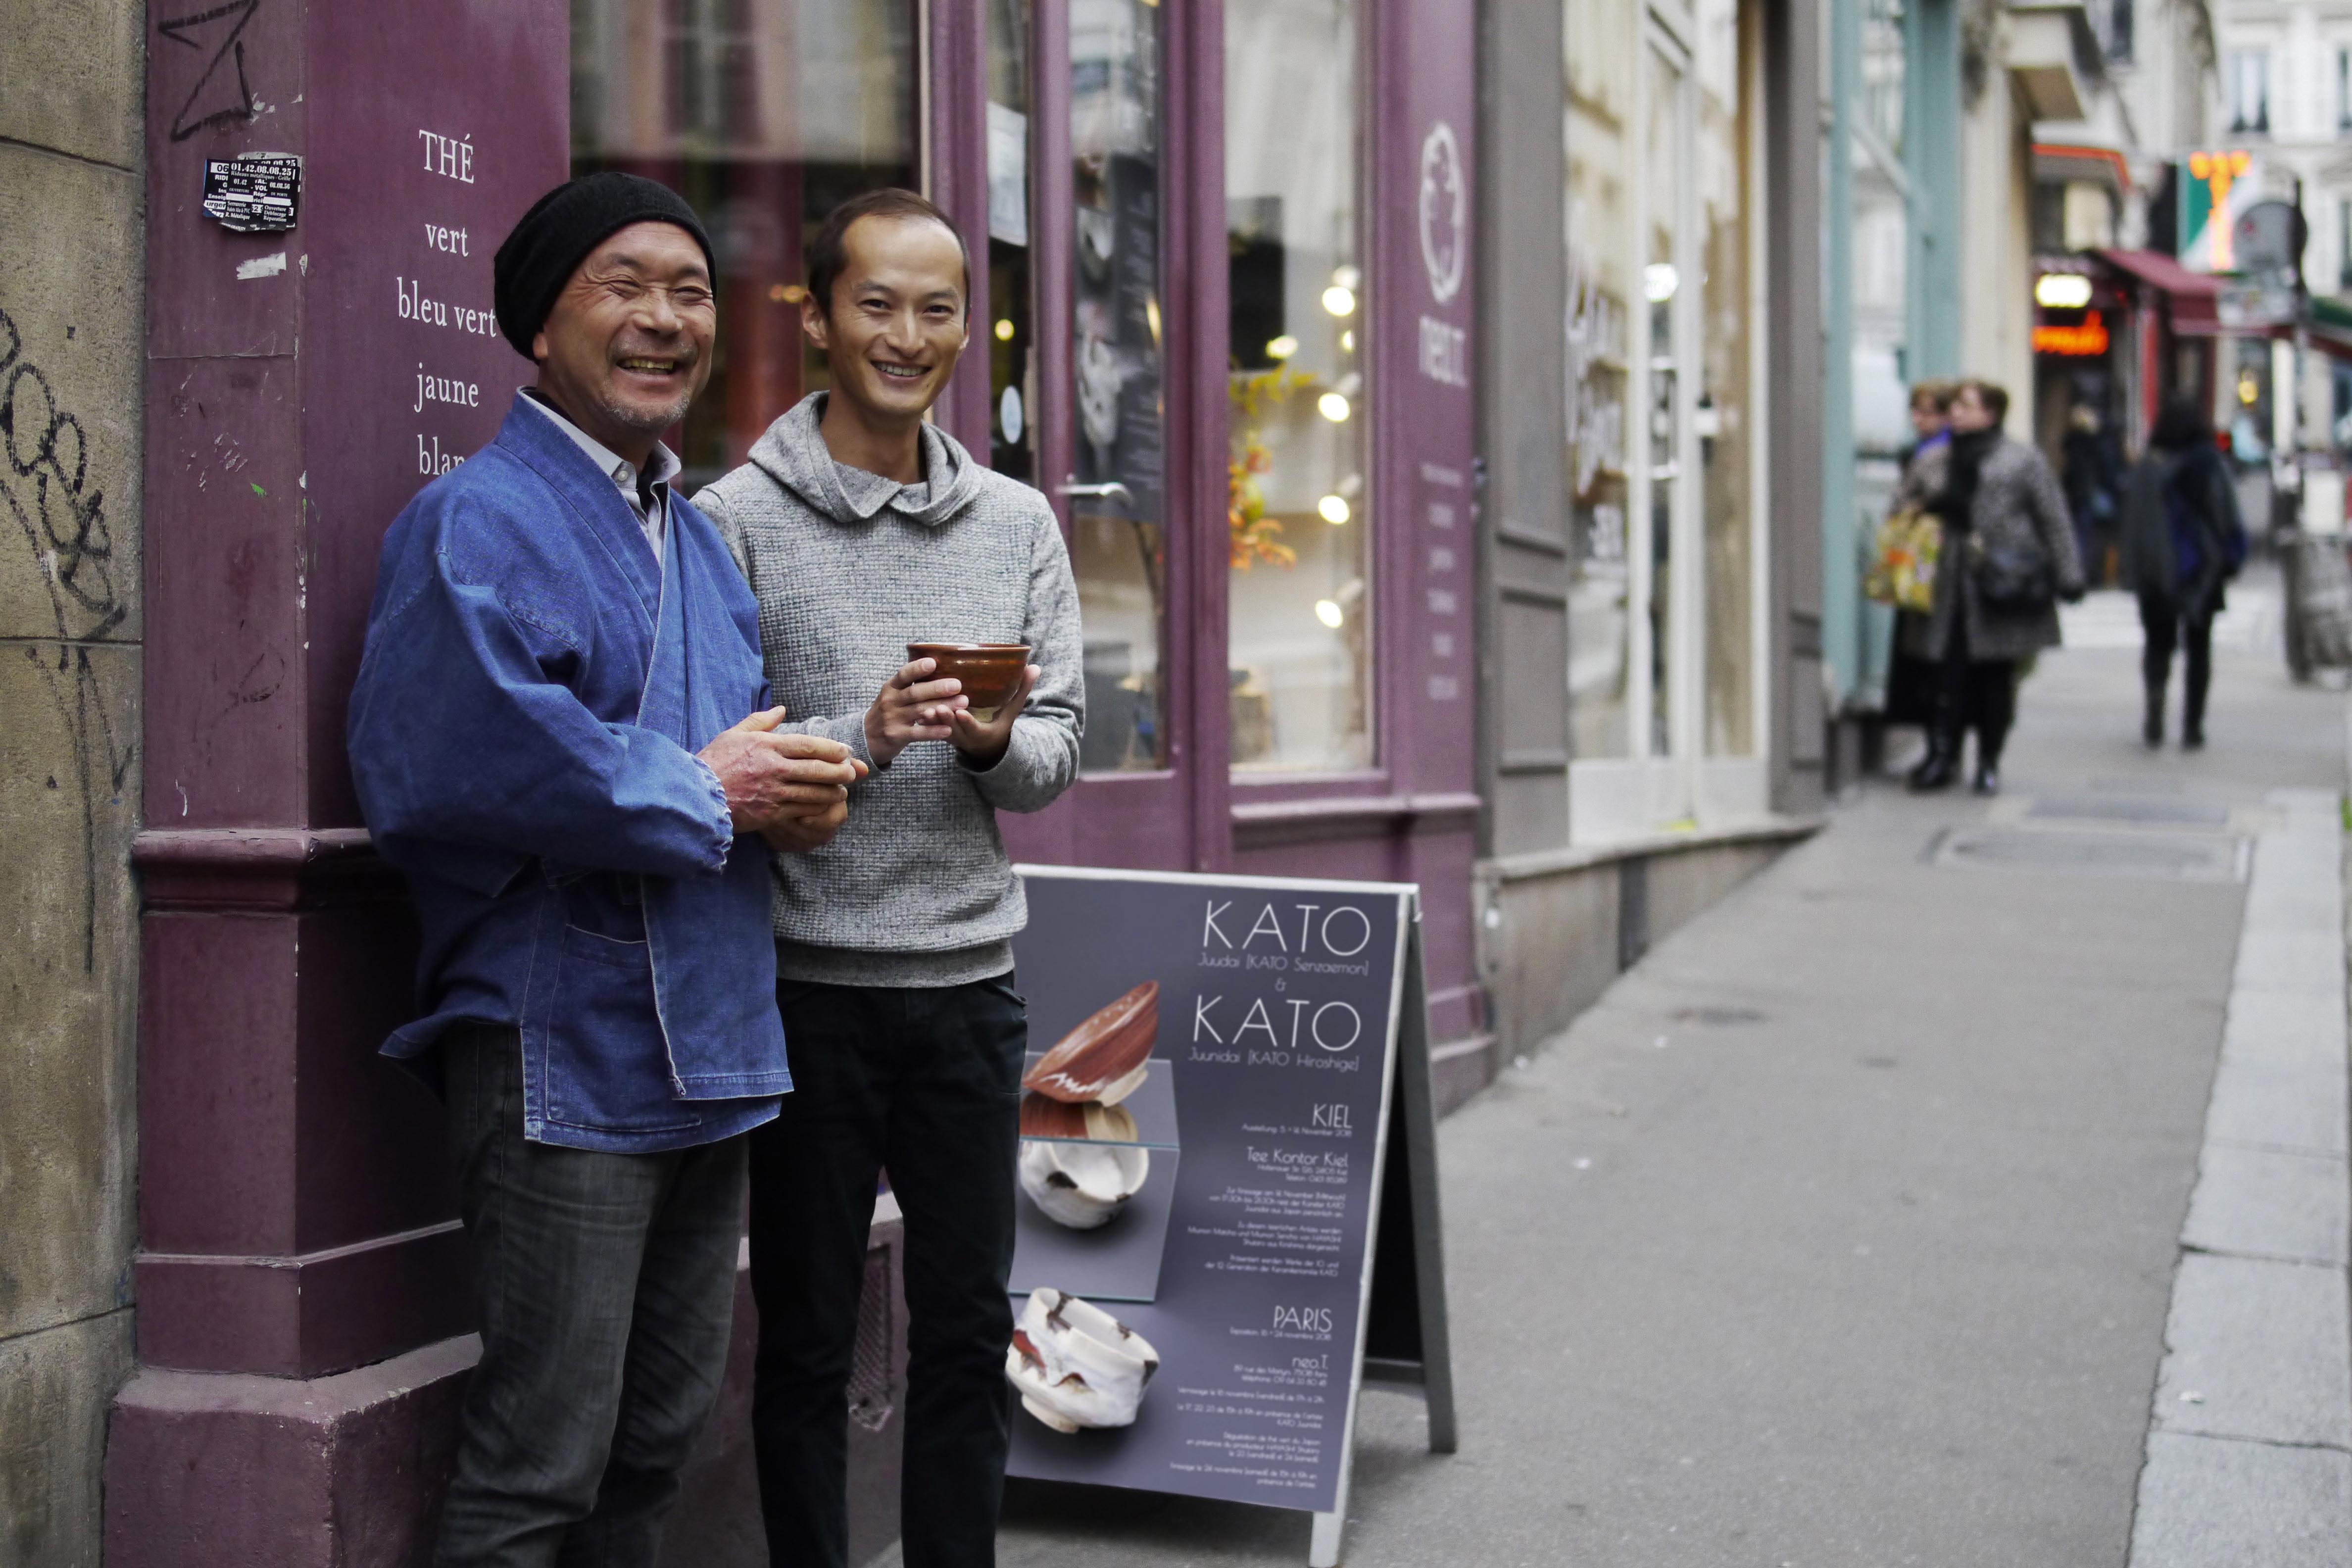 KATO Juunidai et Shutaro Hayashi lors de l'exposition à Paris